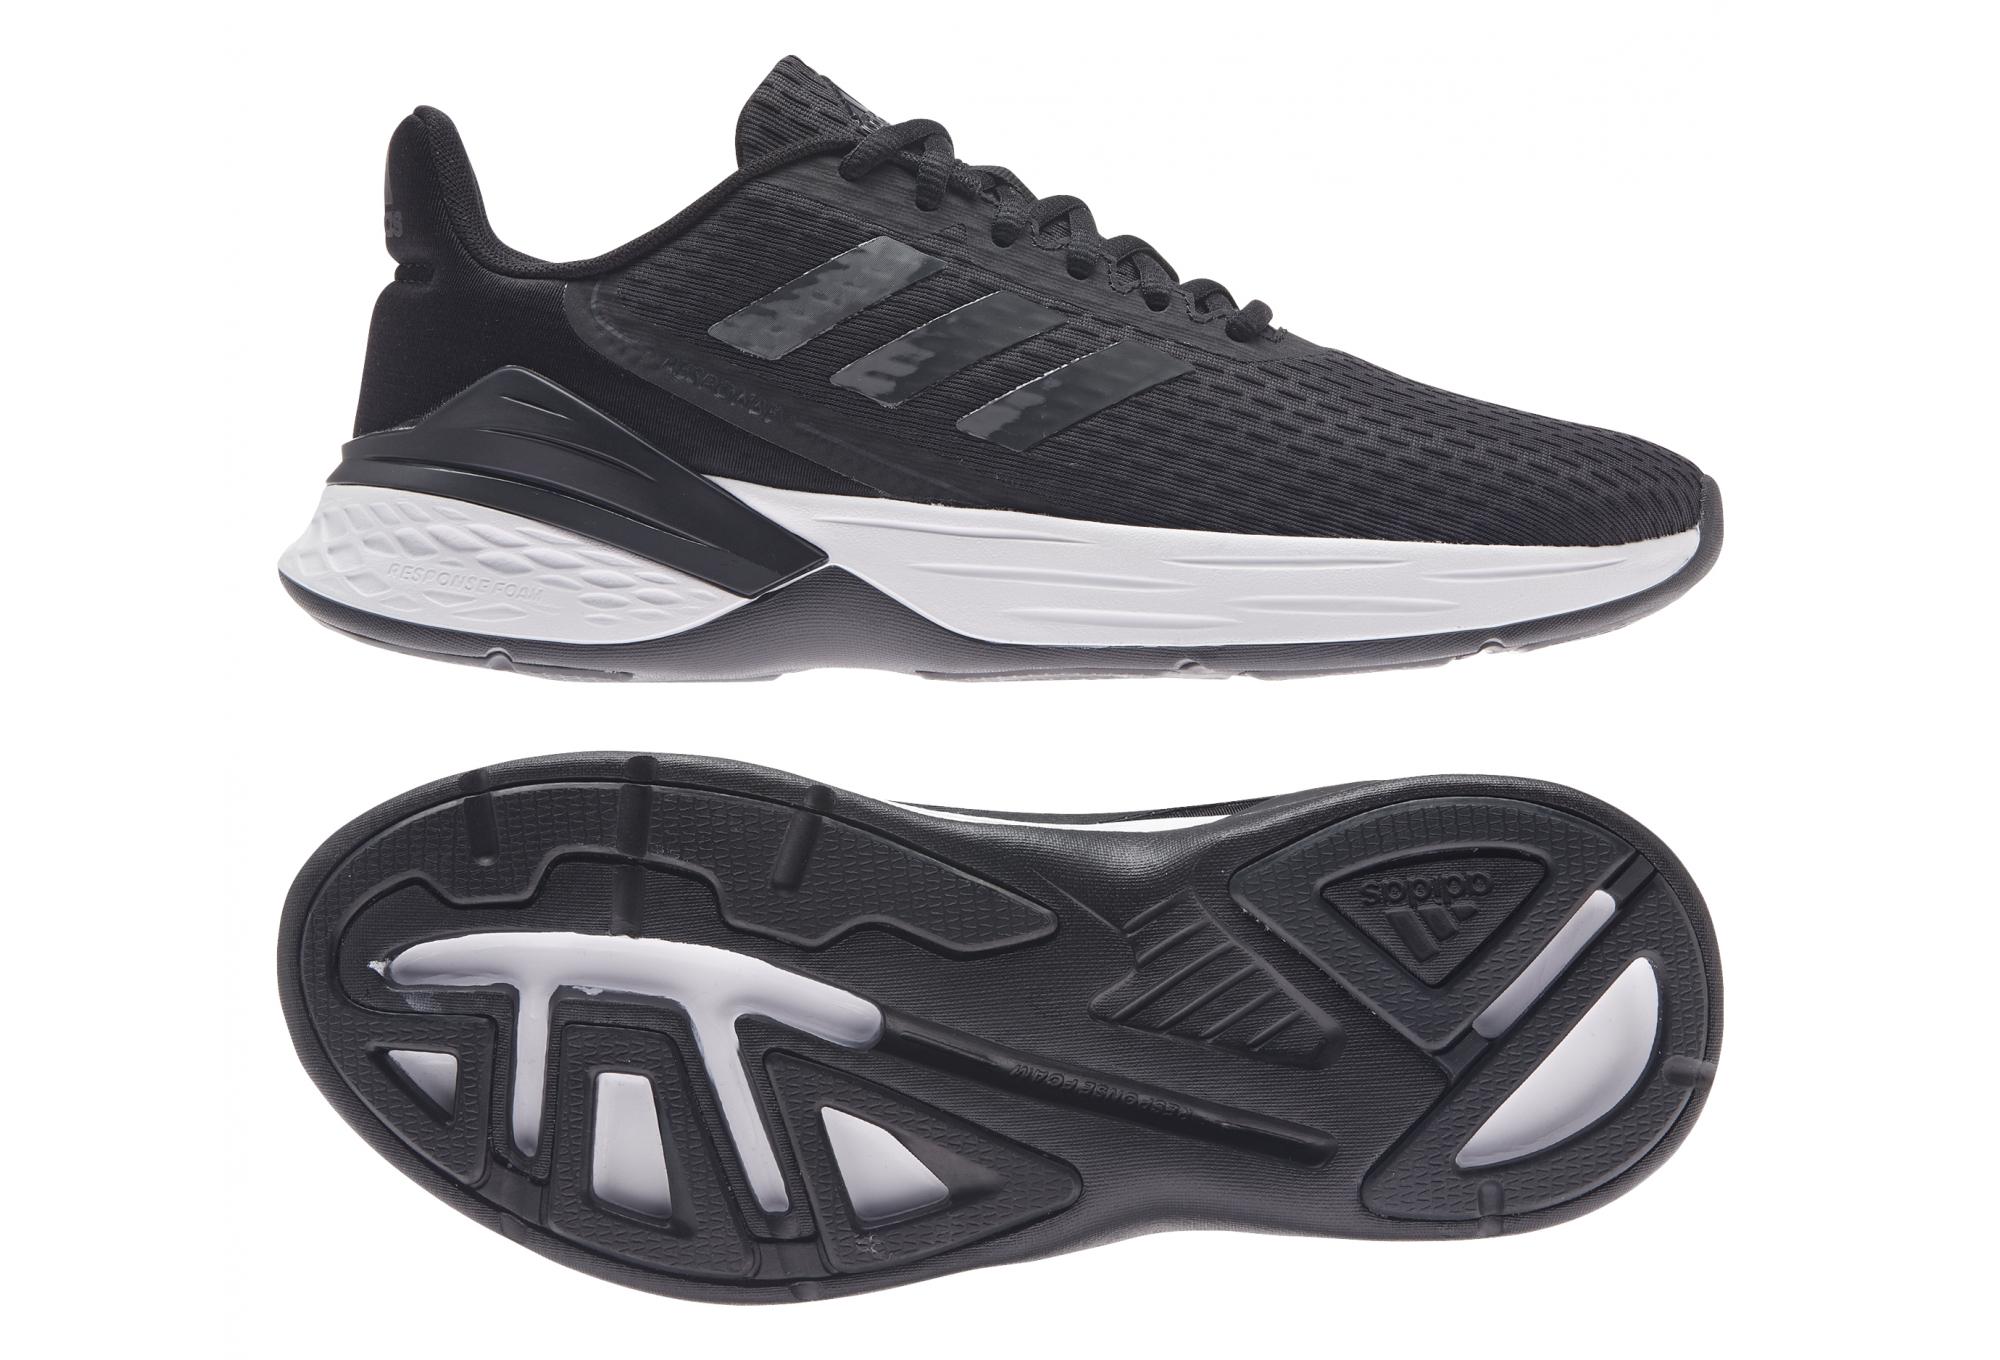 Chaussures de running femme adidas Response SR   Alltricks.com